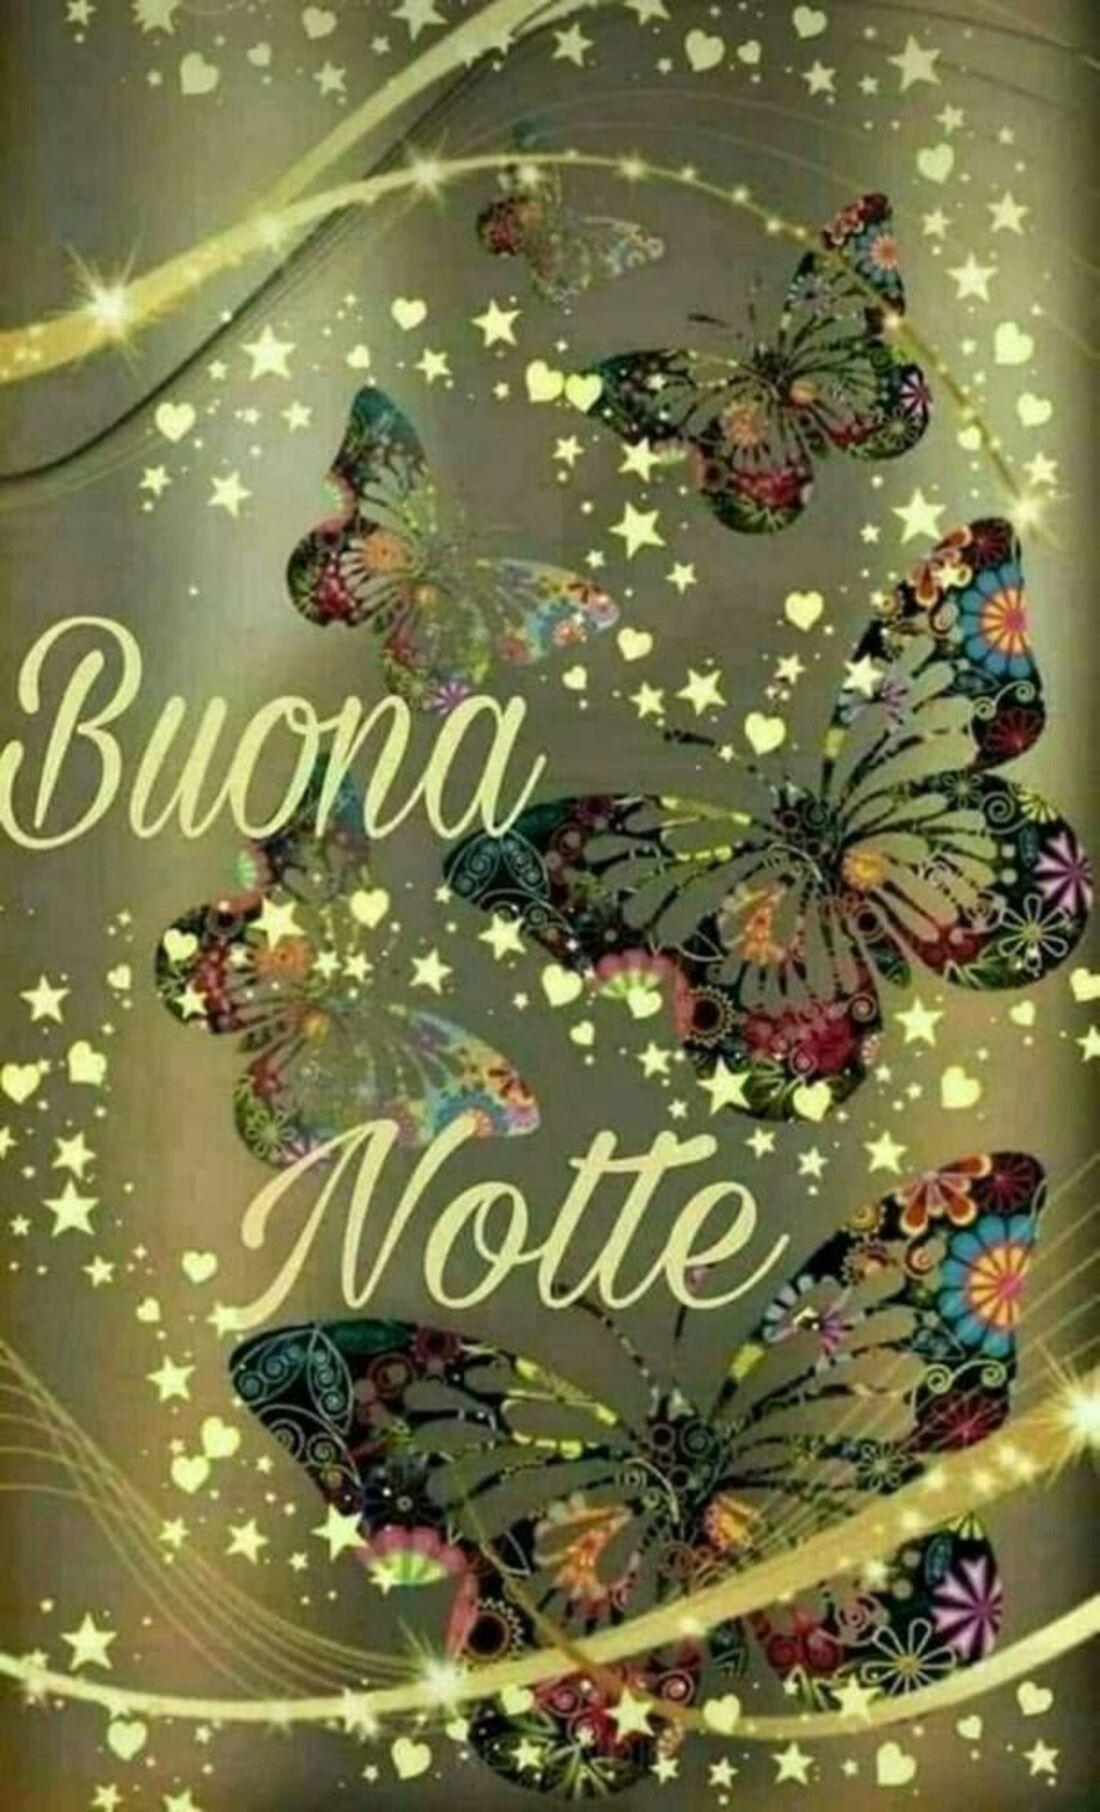 Buoona Notte